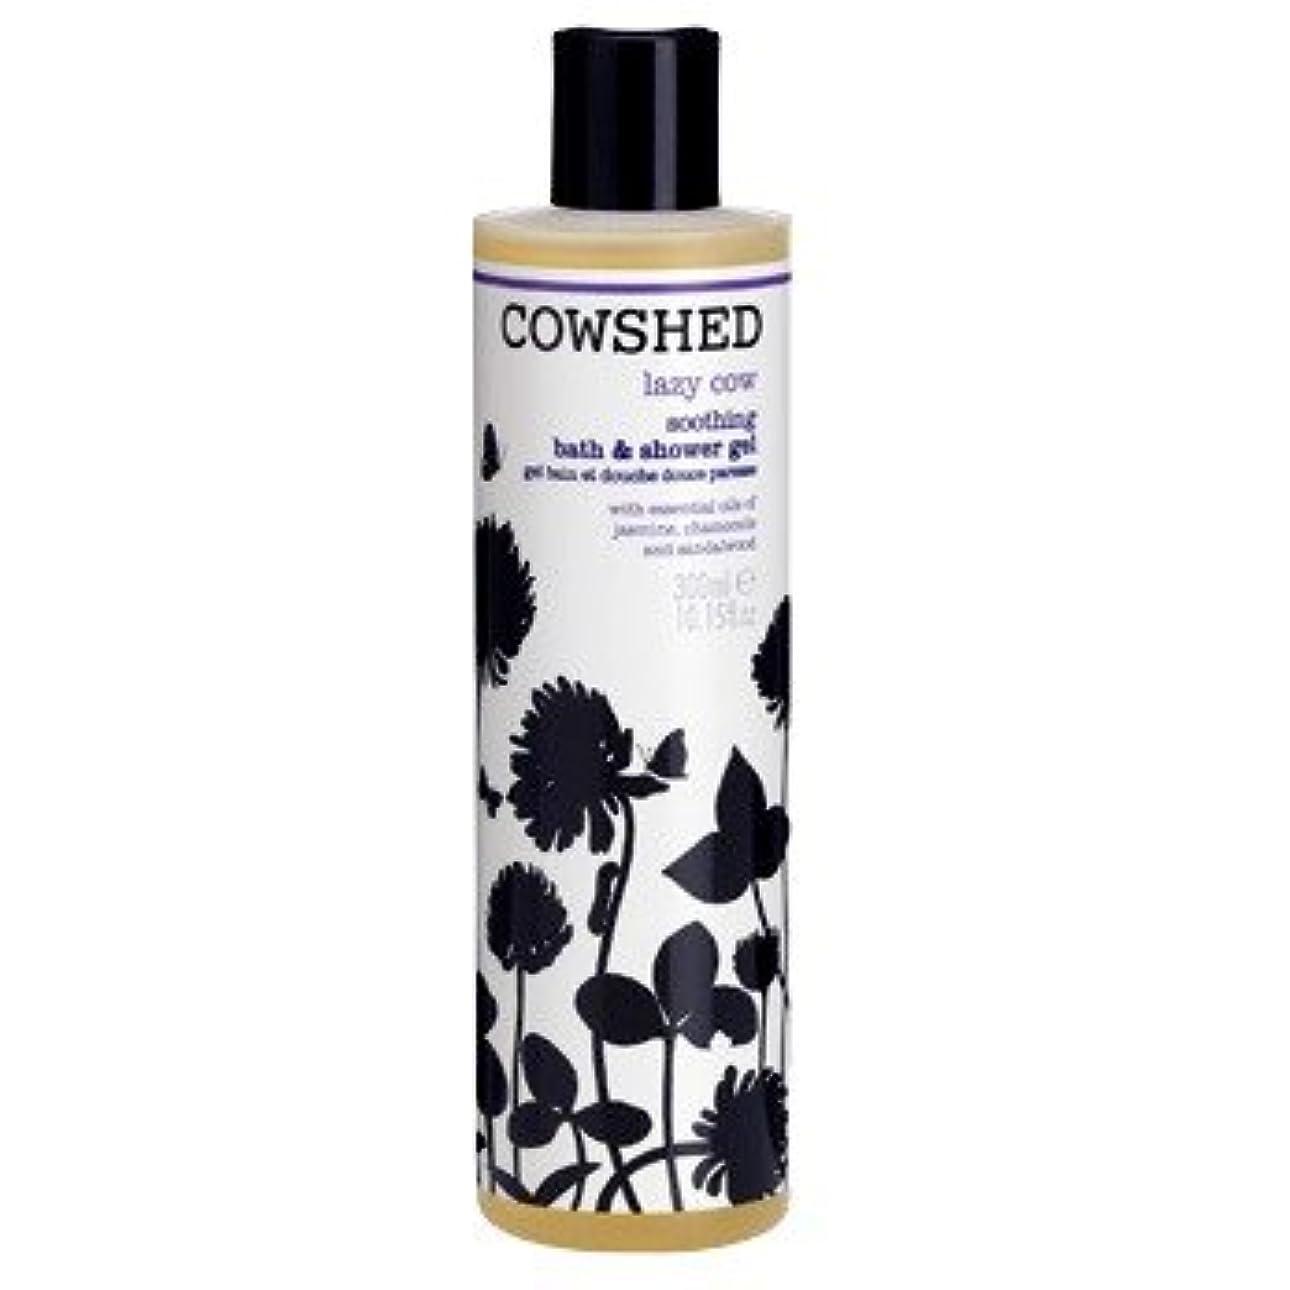 不愉快おばあさん検索エンジン最適化牛舎怠惰な牛心地よいバス&シャワージェル300ミリリットル (Cowshed) (x6) - Cowshed Lazy Cow Soothing Bath & Shower Gel 300ml (Pack of 6) [並行輸入品]